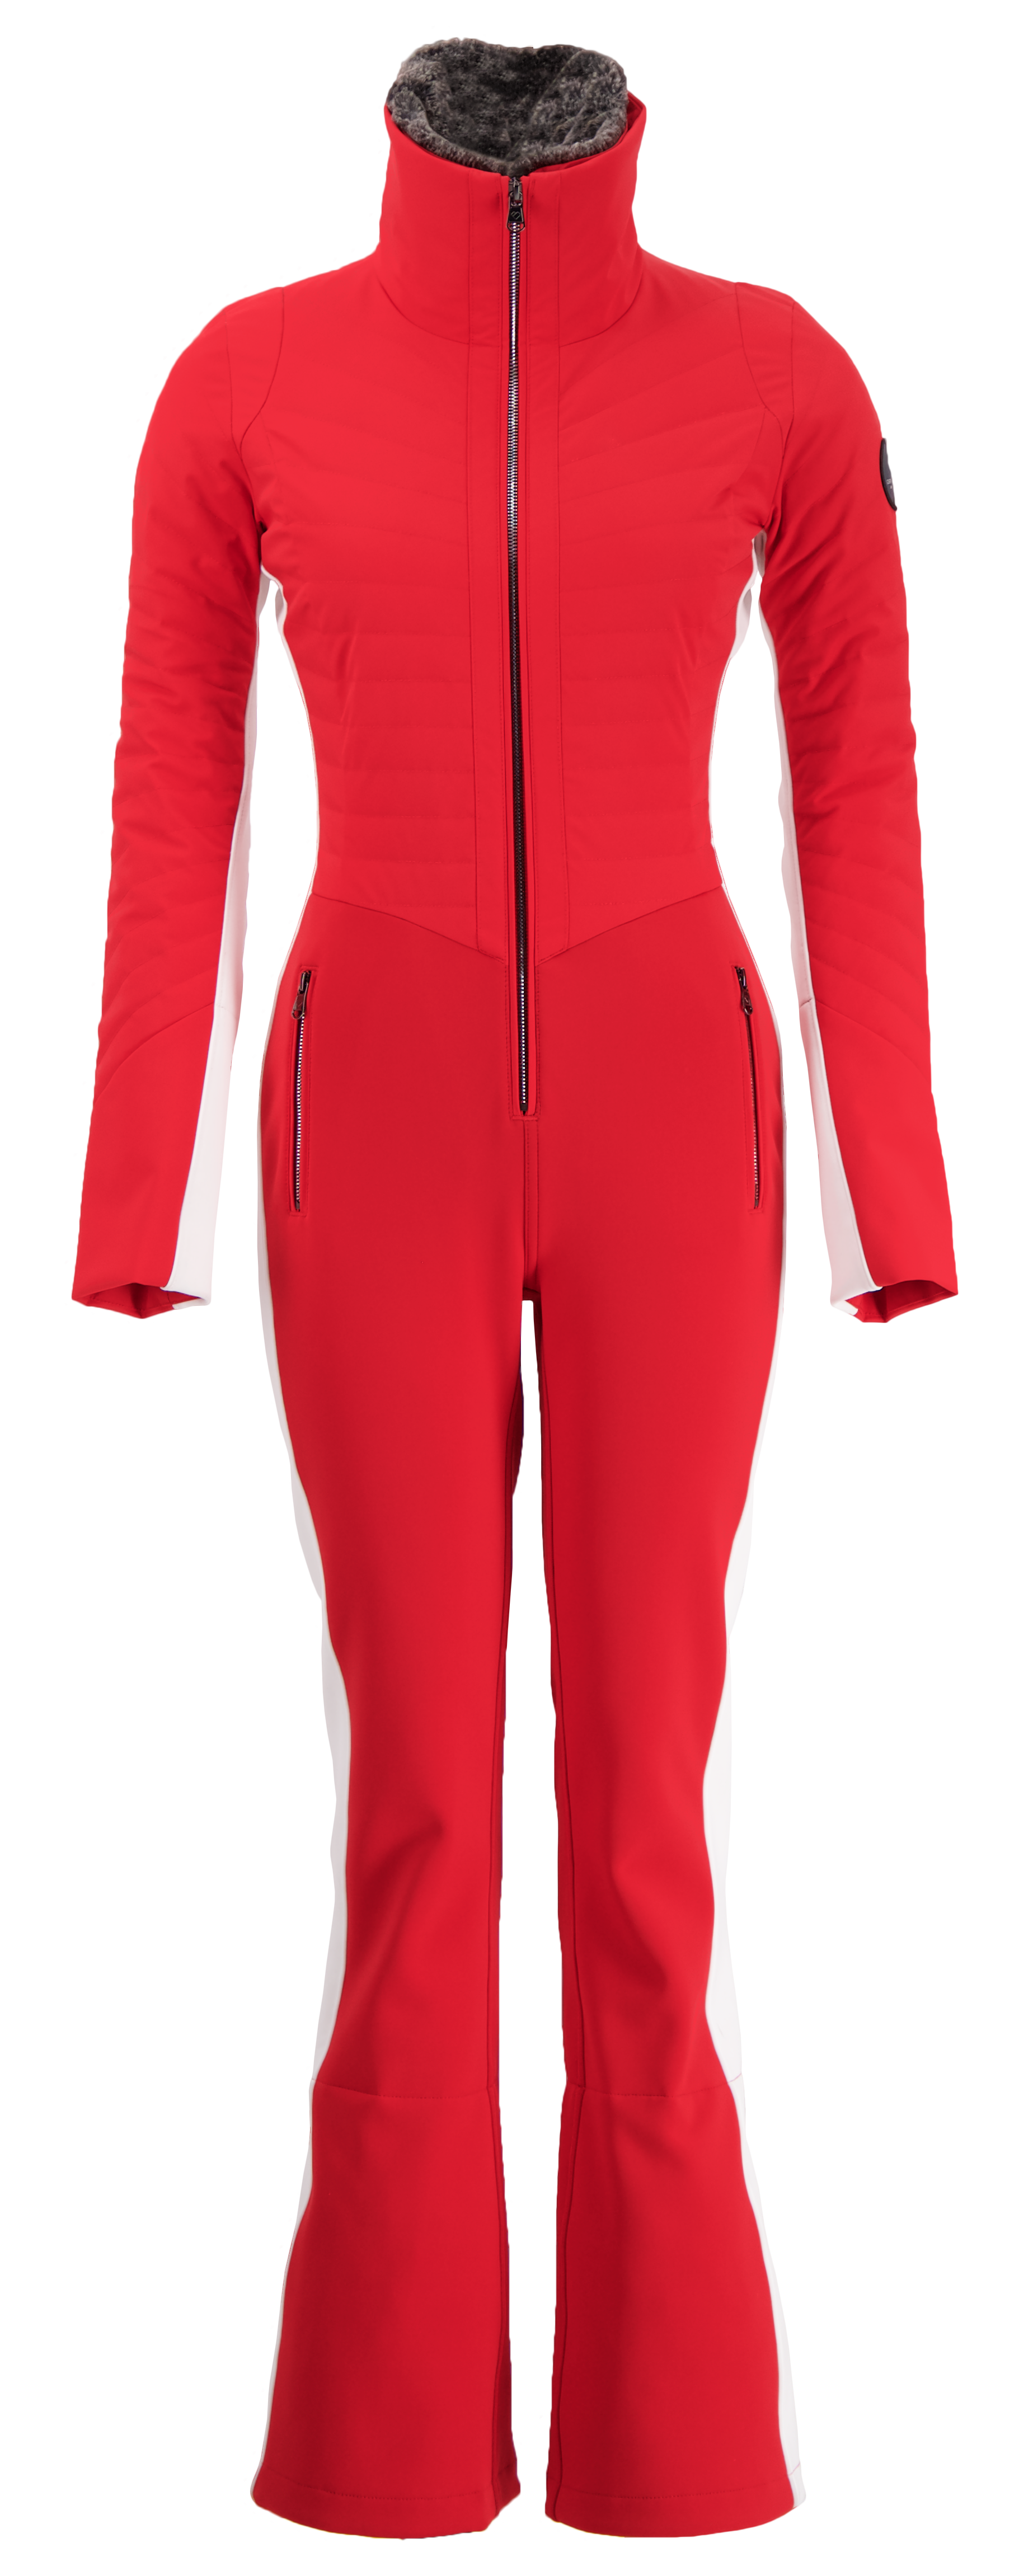 Healthy Skier 0201 A